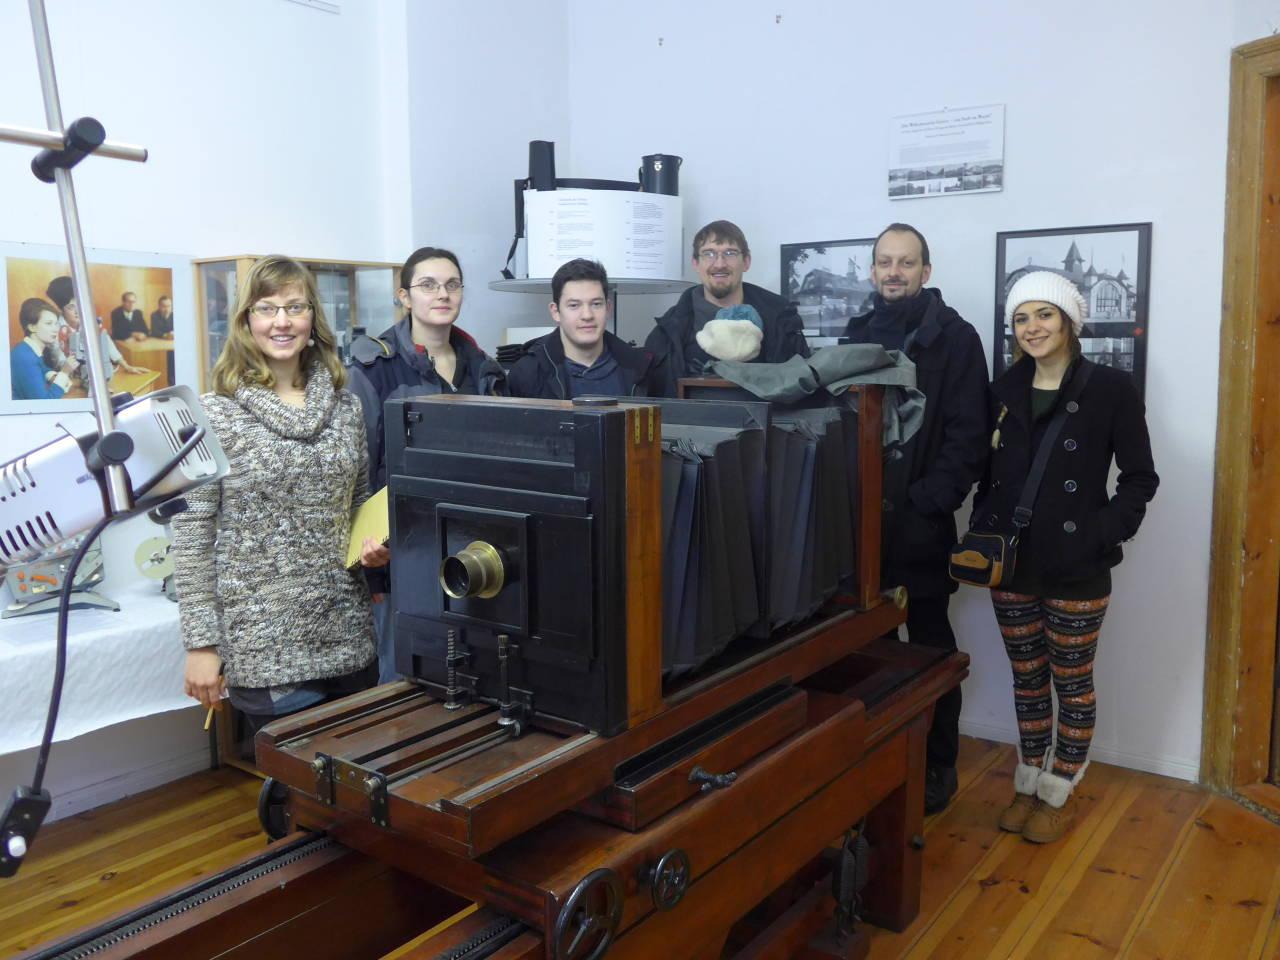 """Teilnehmer am Wochenendseminar """"Fotopionieren auf der Spur"""" vom Verein Wissensvermittlung in der Denkmalpflege vor einer Reprokamera."""